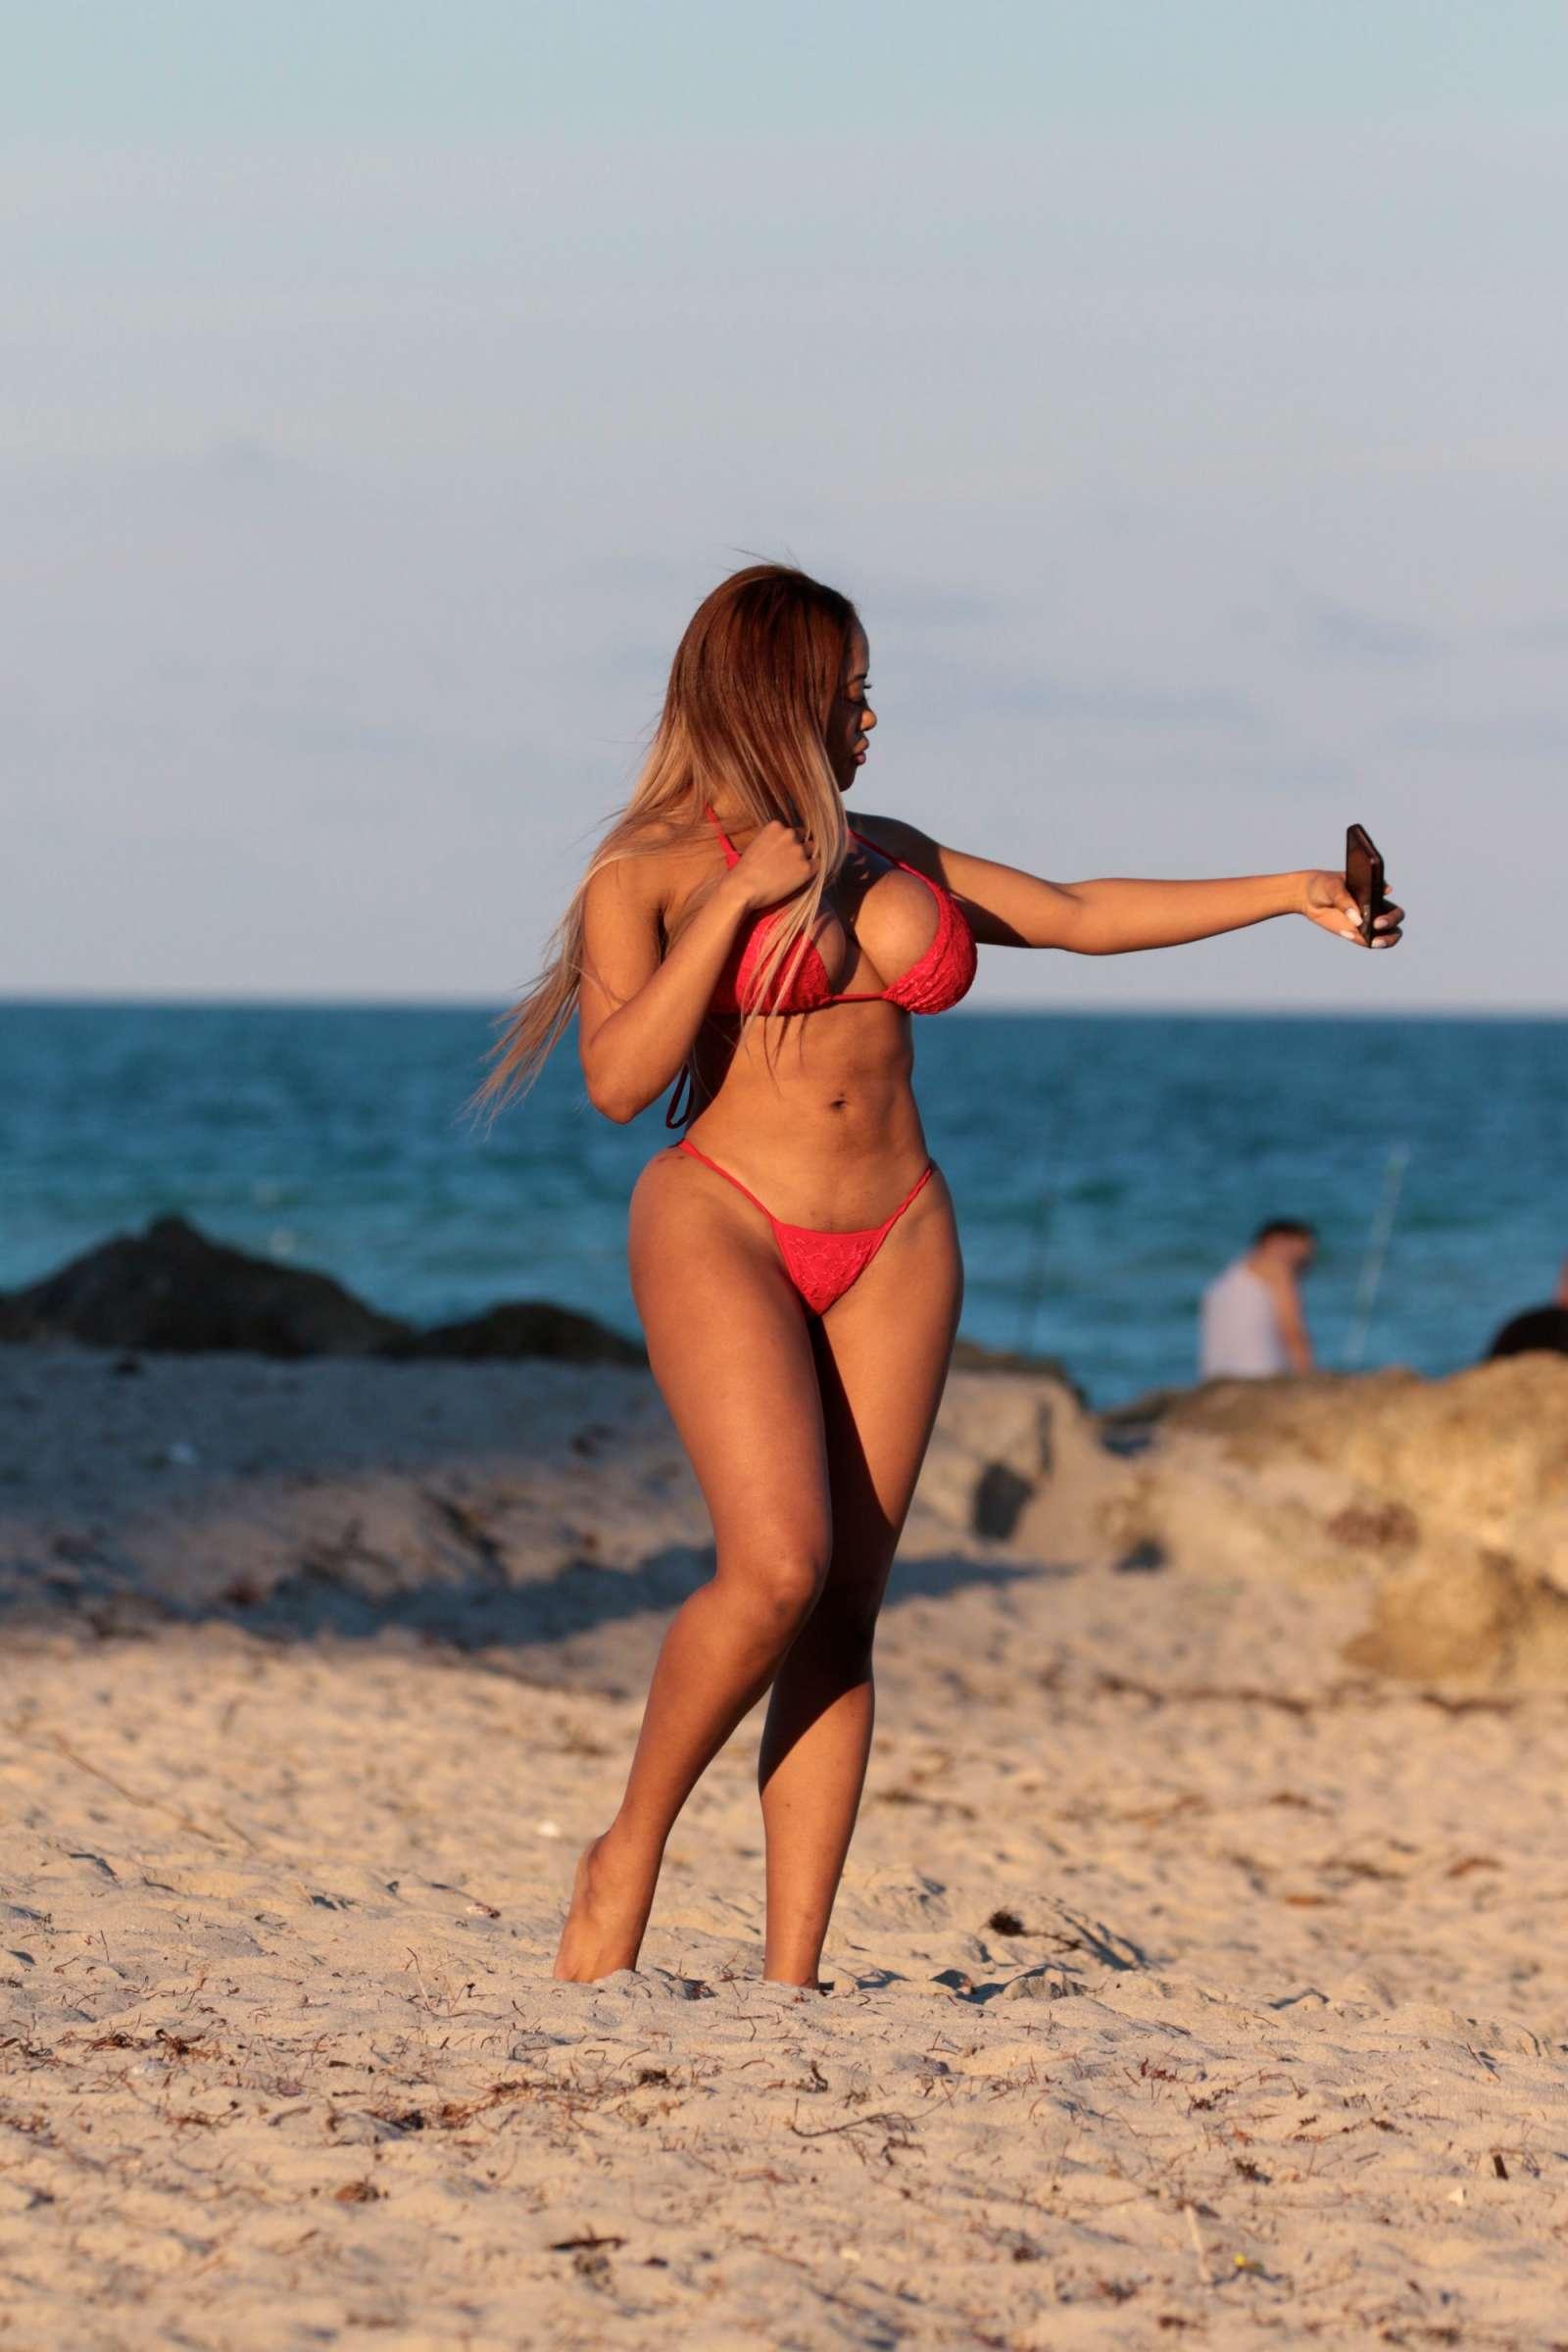 Moriah Mills 2017 : Moriah Mills in Red Bikini 2017 -13